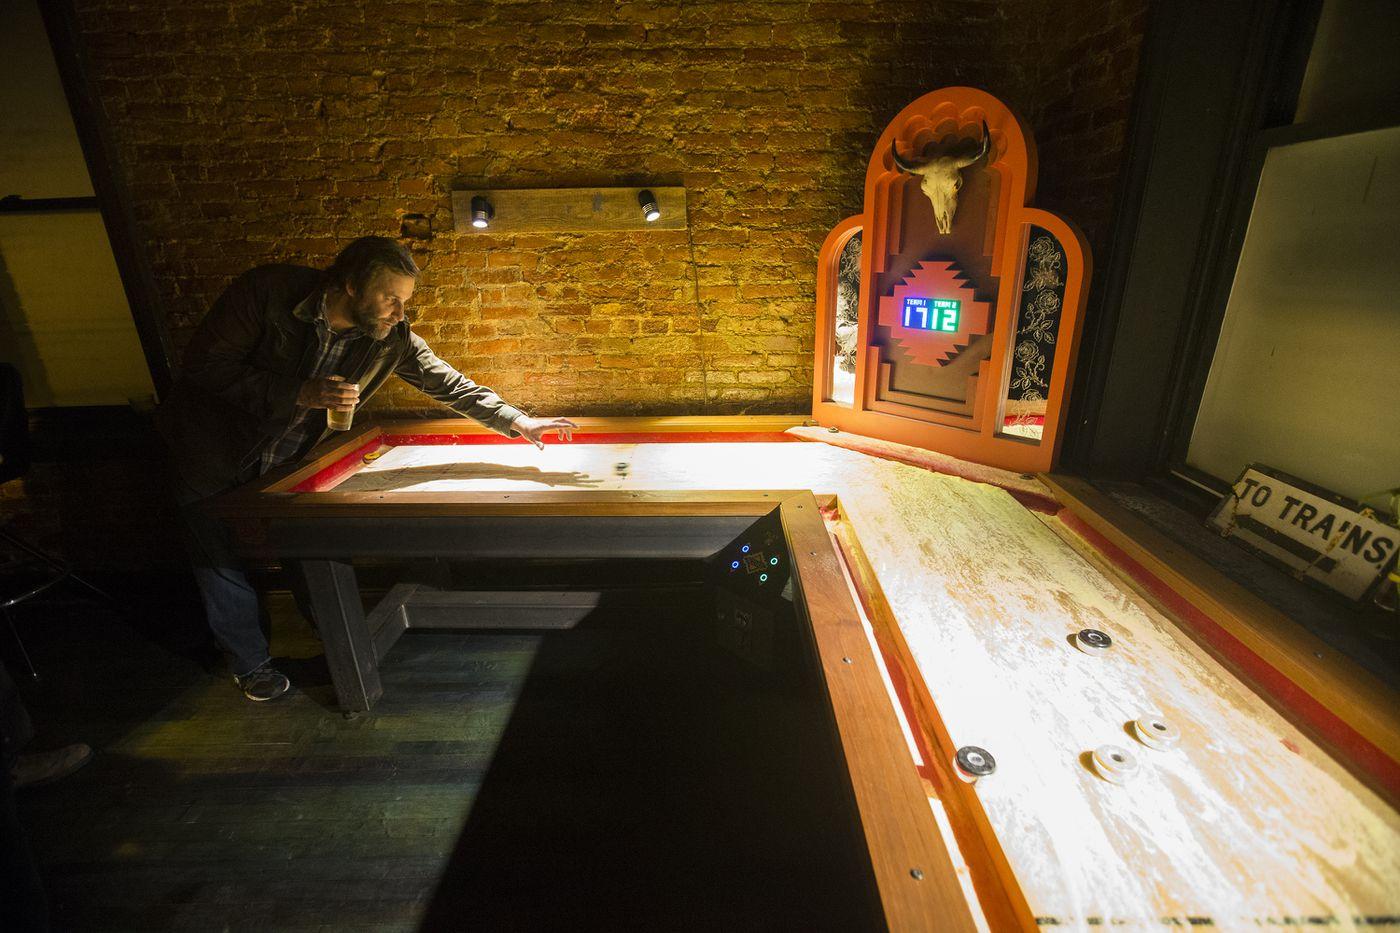 Inside Kensington's coolest, weirdest new bar, The International